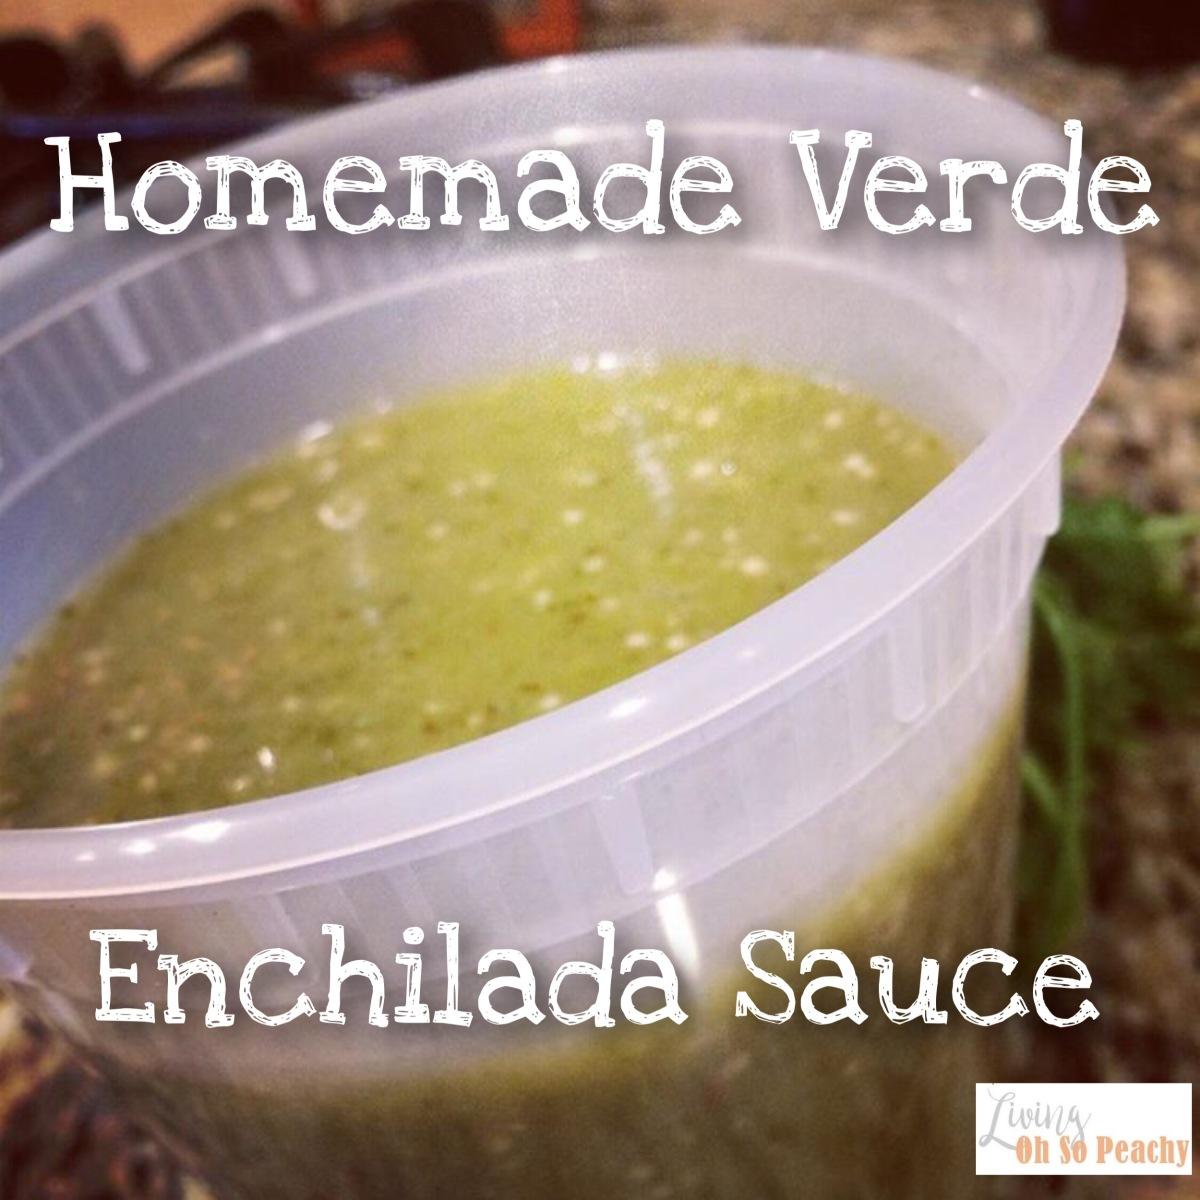 Homemade Verde EnchiladaSauce